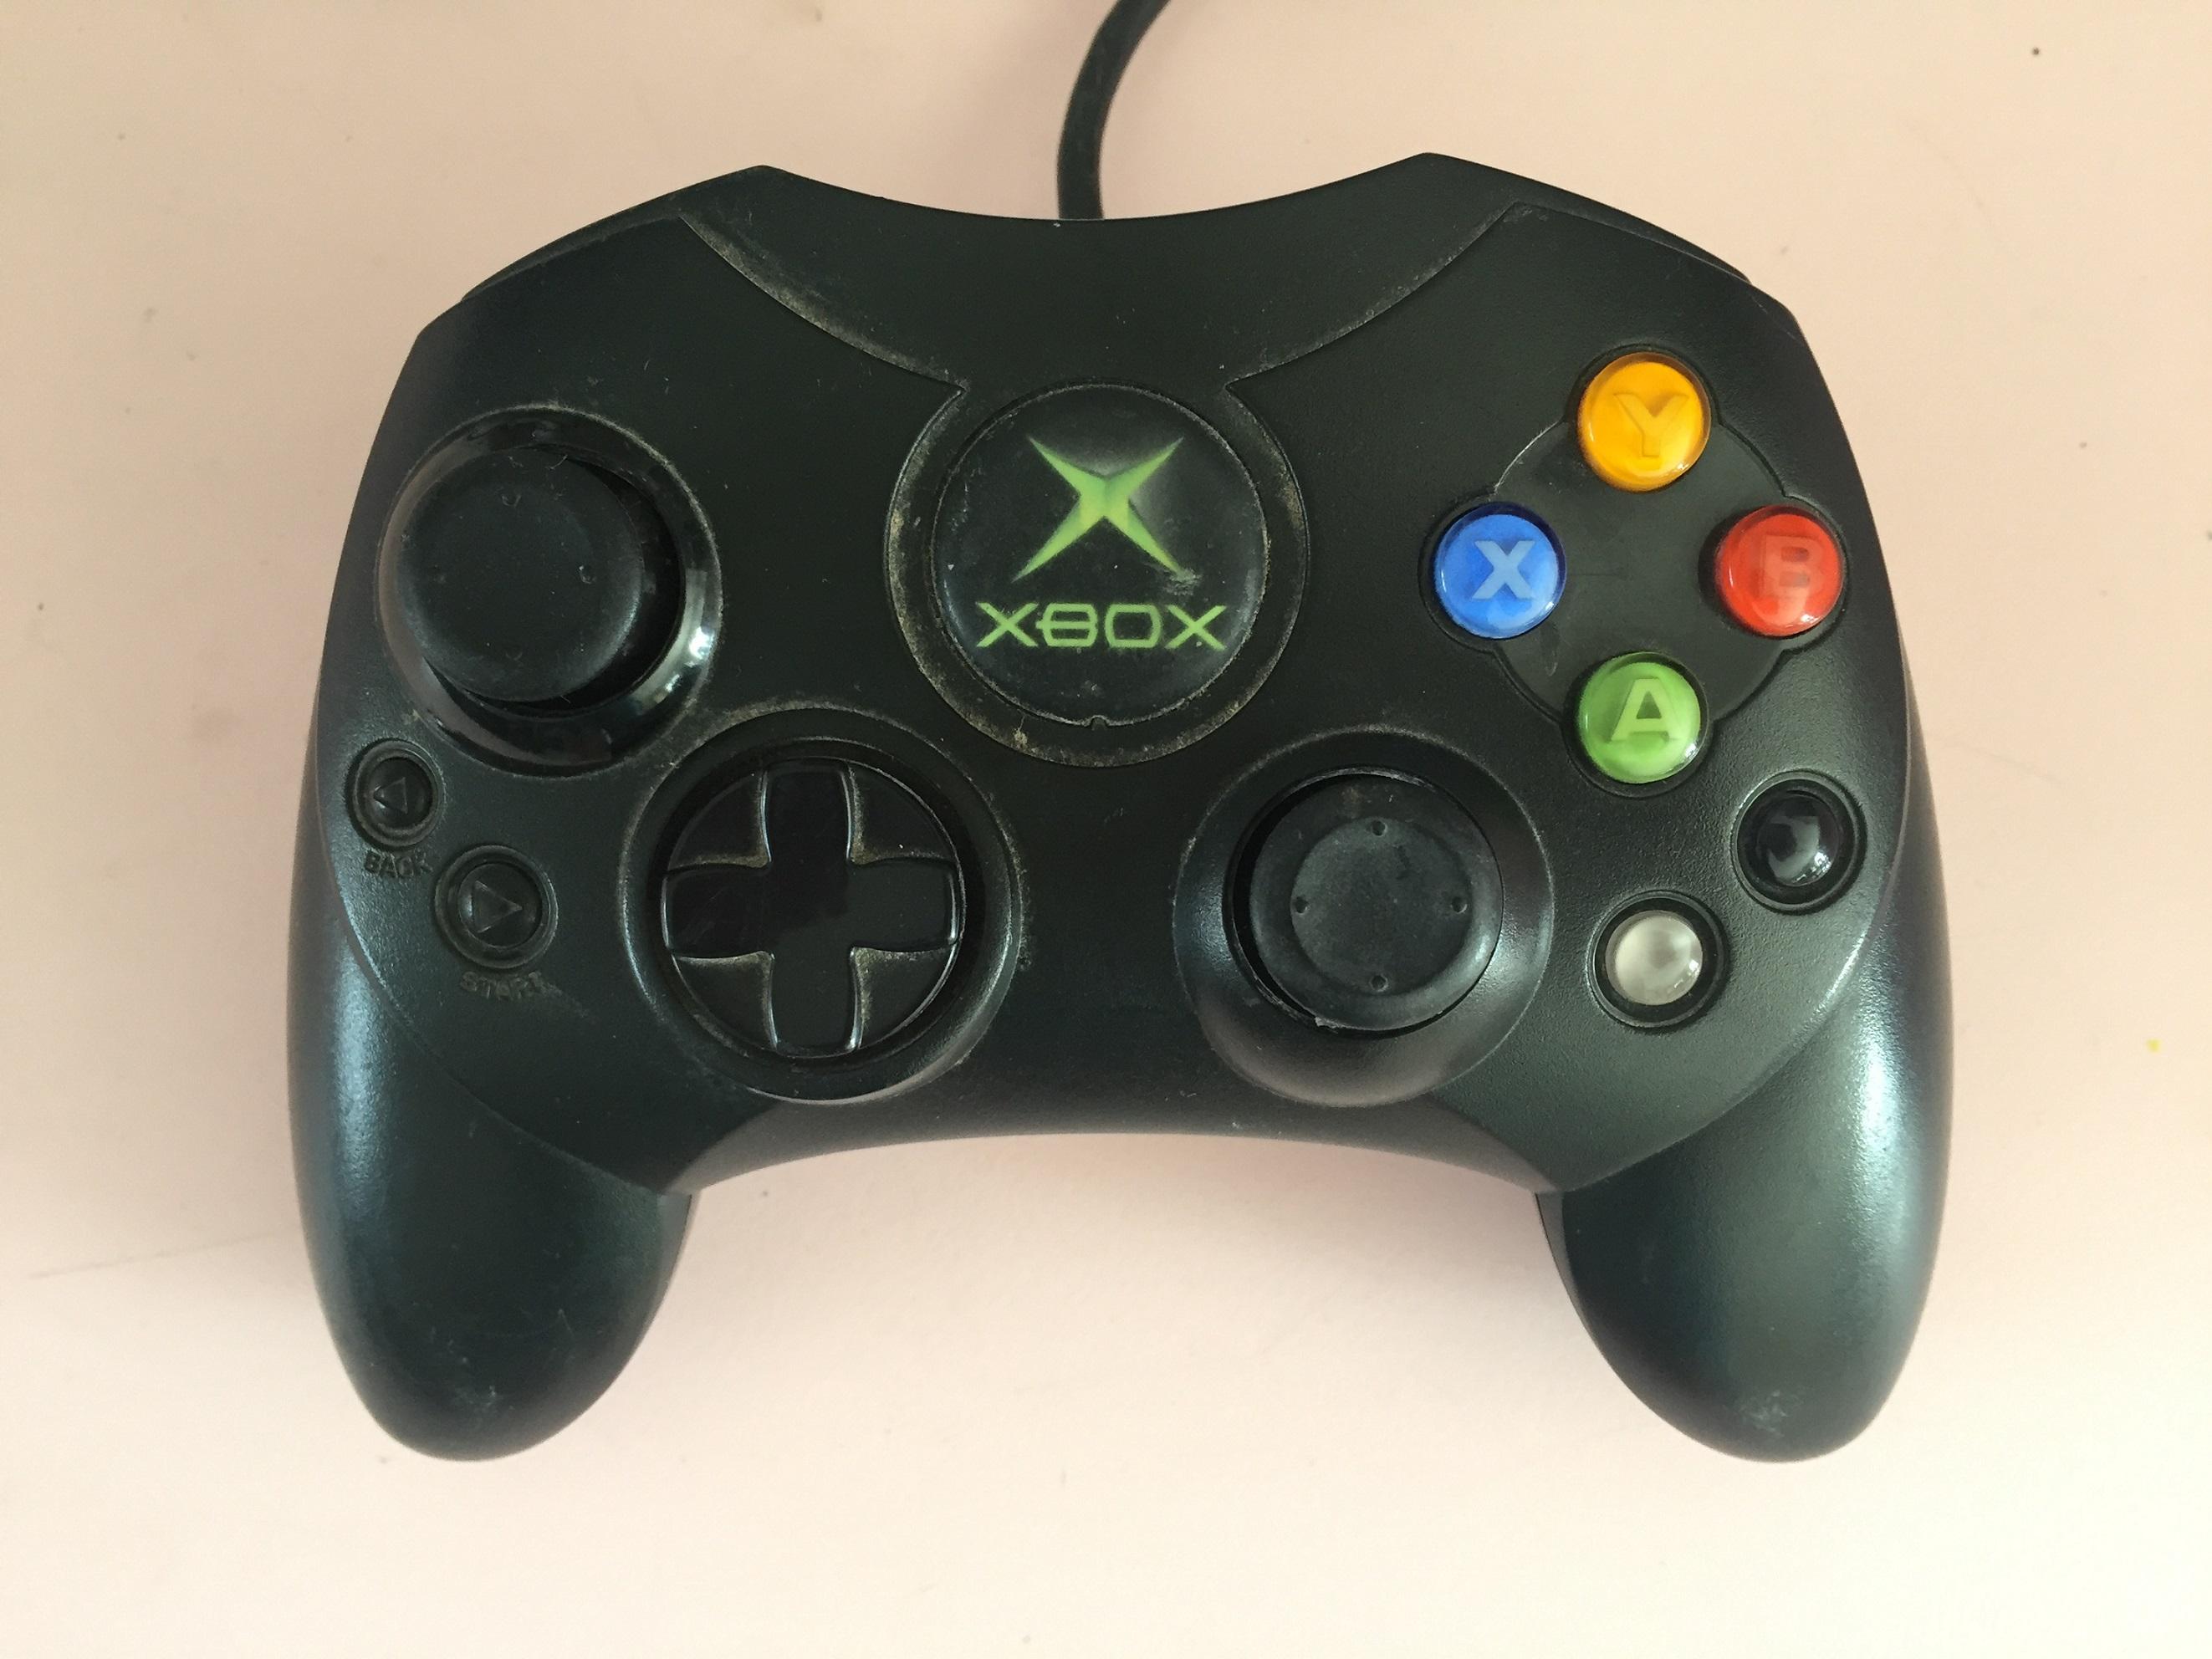 Manette controller X08-69873 console microsoft xbox 1ère génération